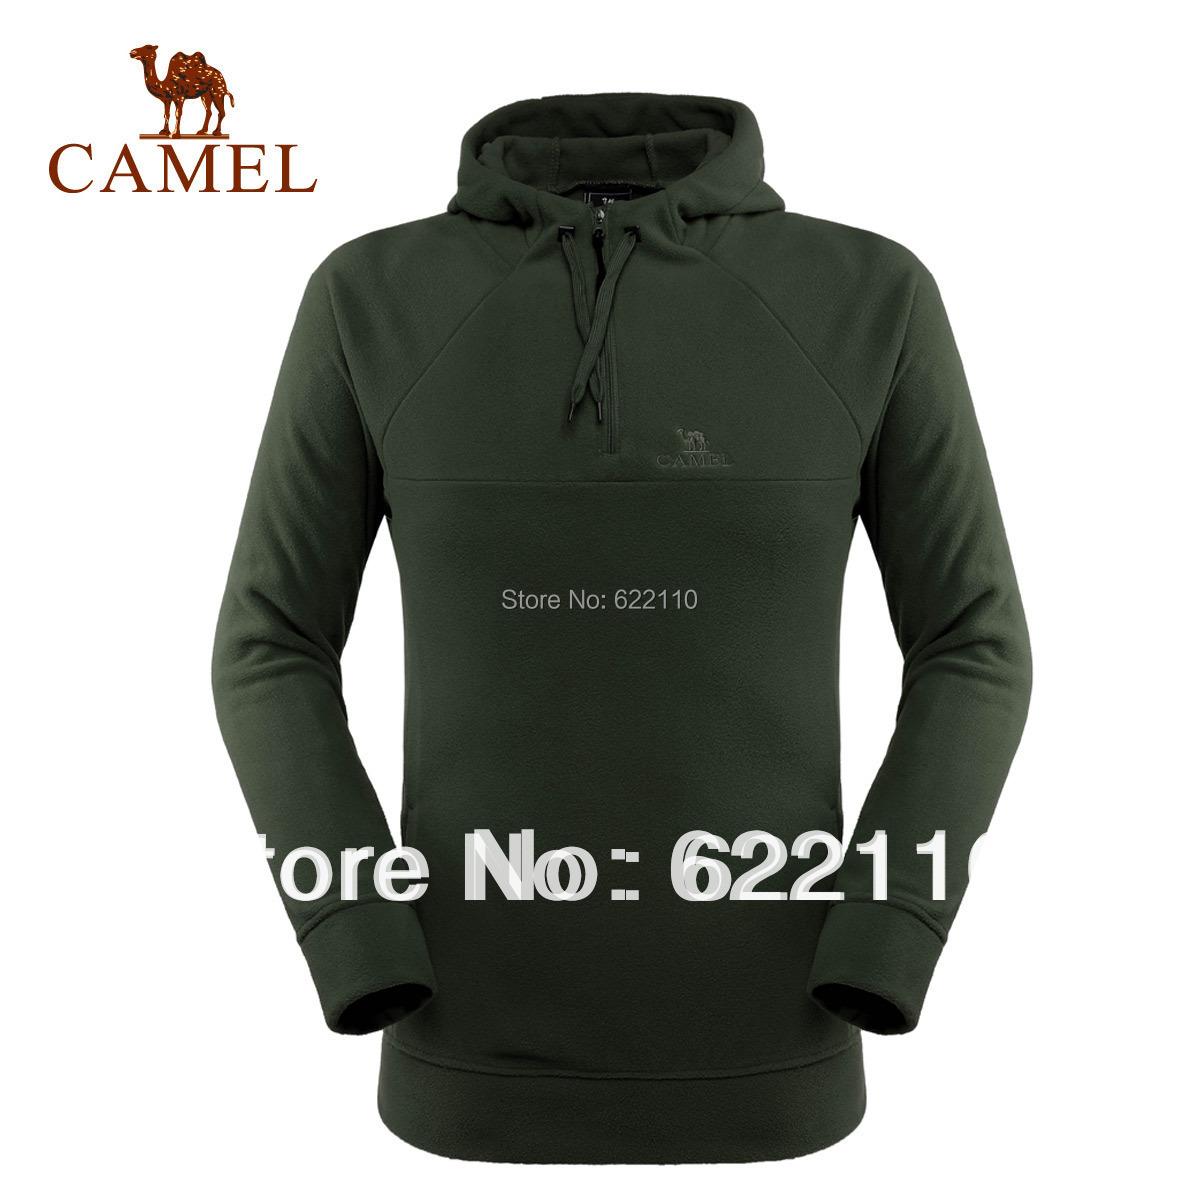 Здесь можно купить  Camel unisex outdoor windproof fleece for  lovers design ,thermal fleece outwear,pullover style and couple design3f60008  Спорт и развлечения